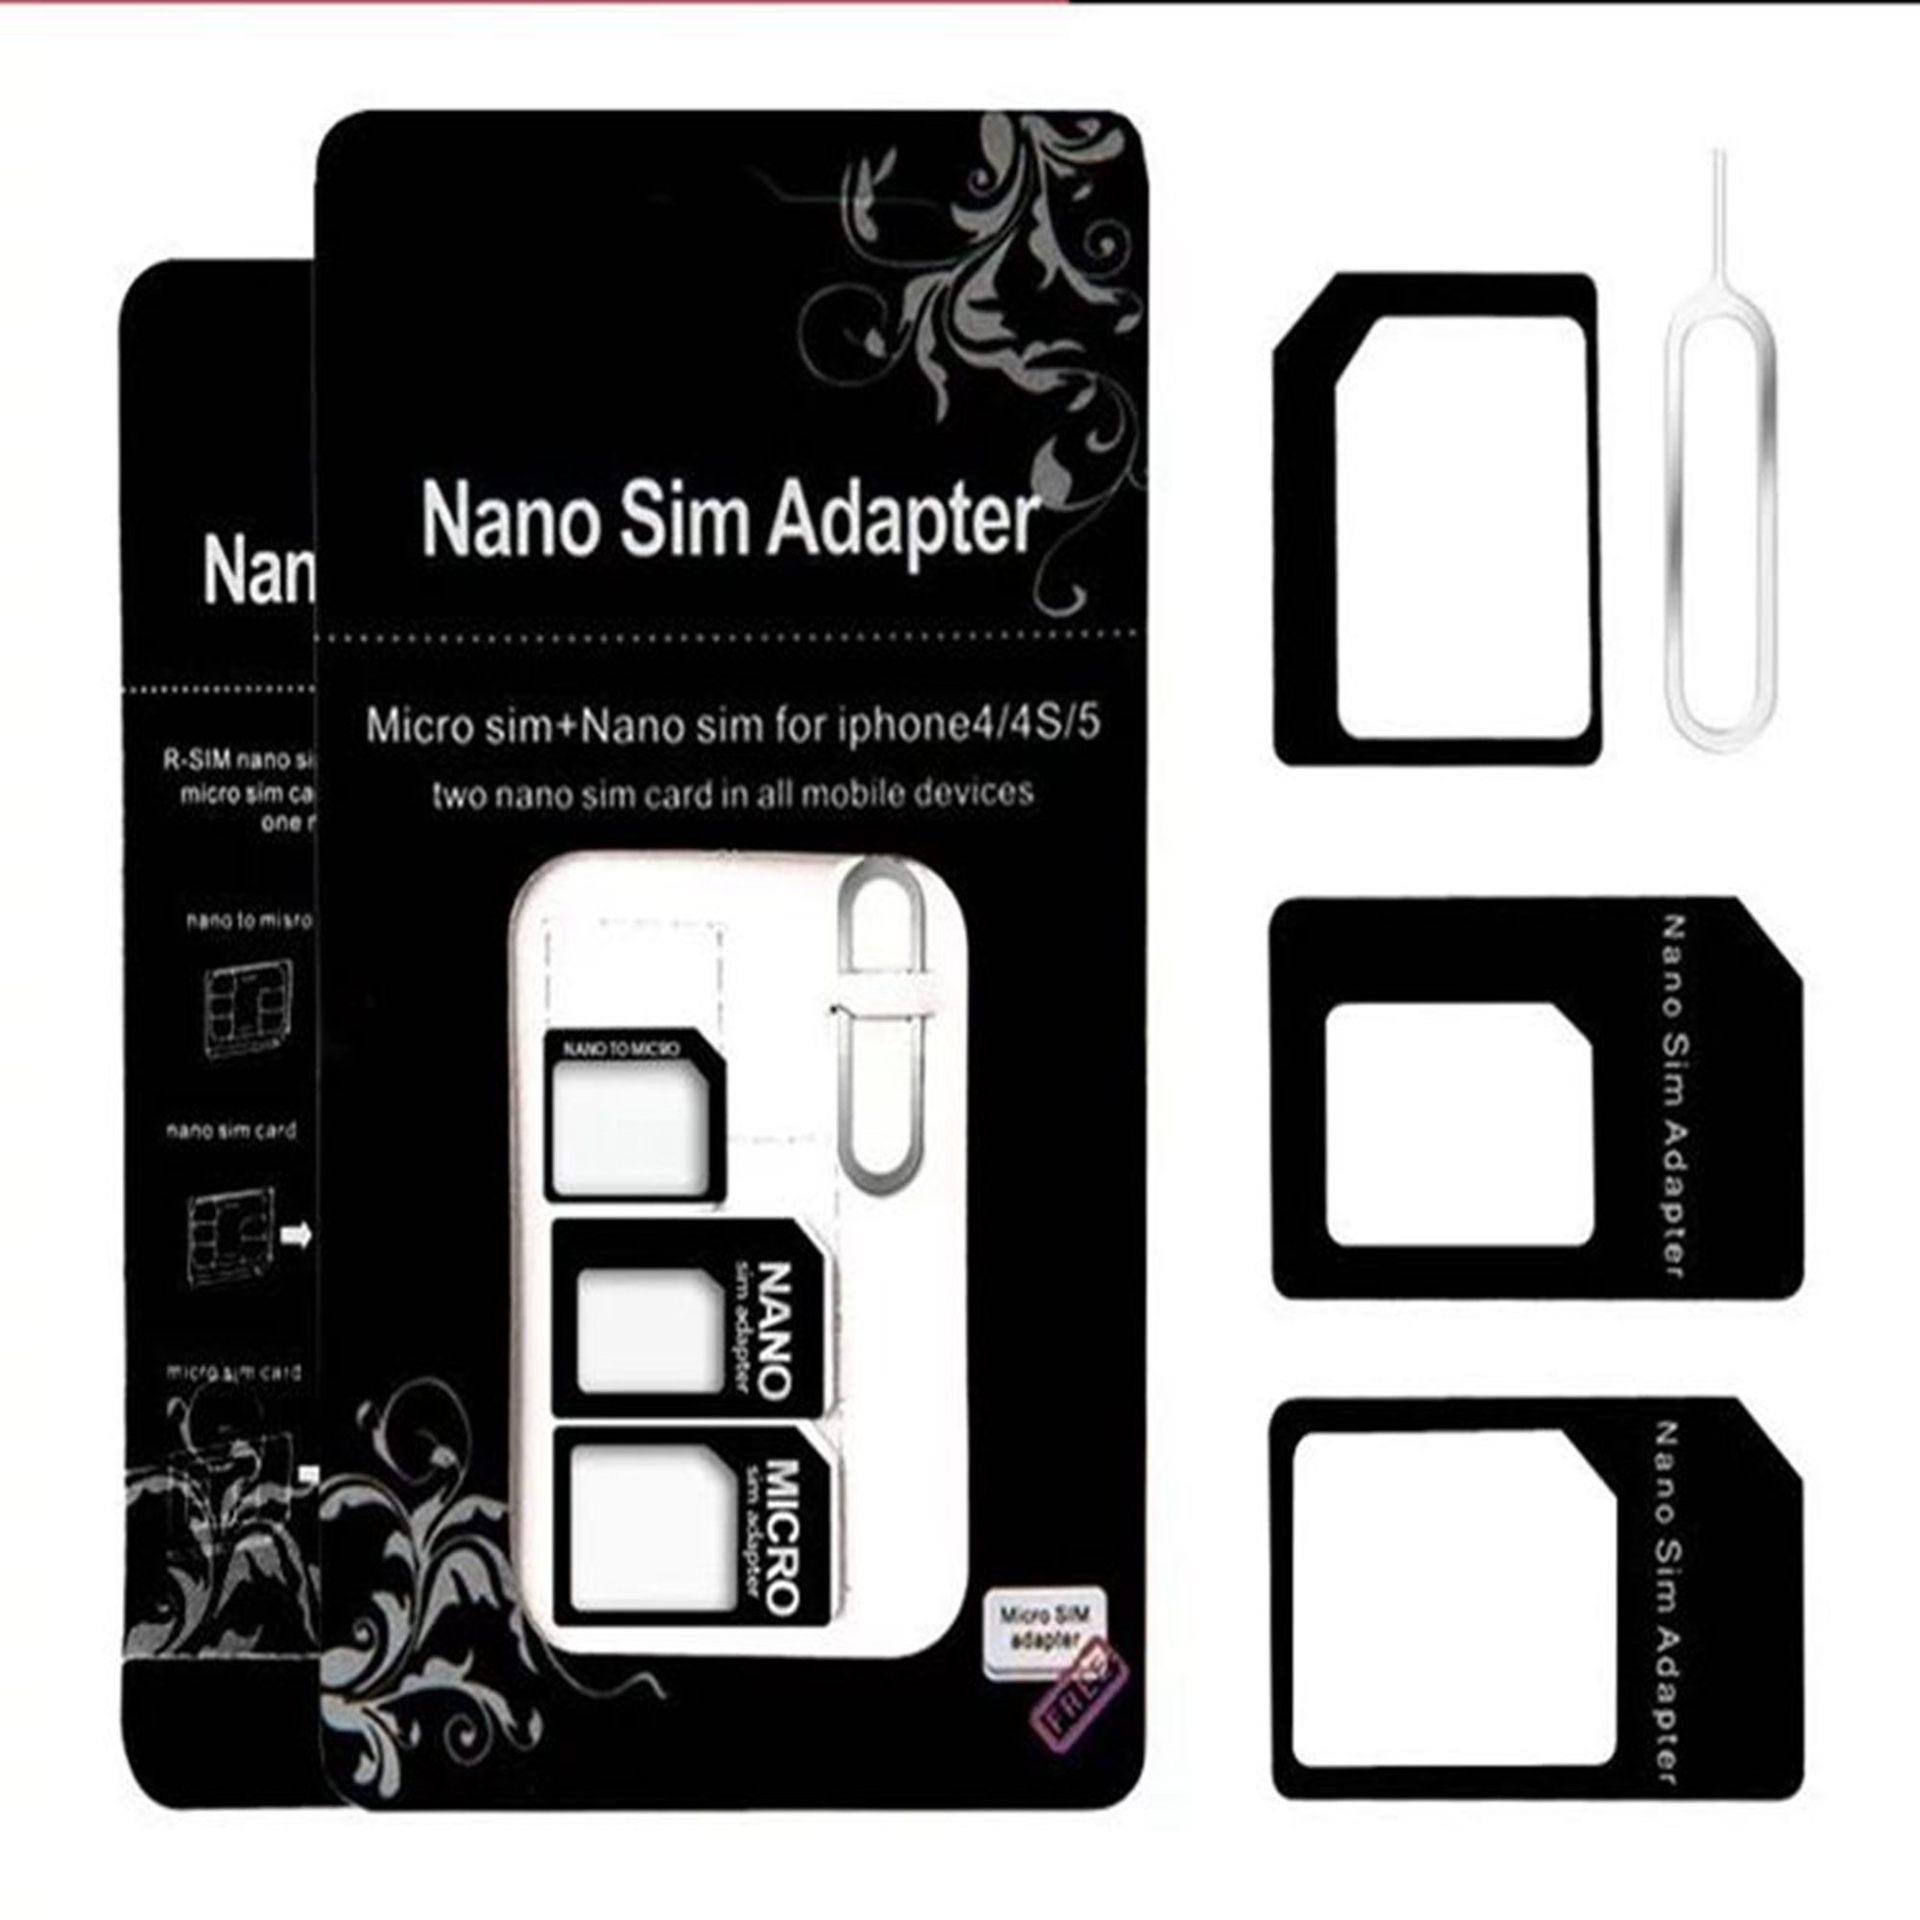 卡托 金属sim取卡针还原卡手机小卡转大卡nano卡套转换四合一